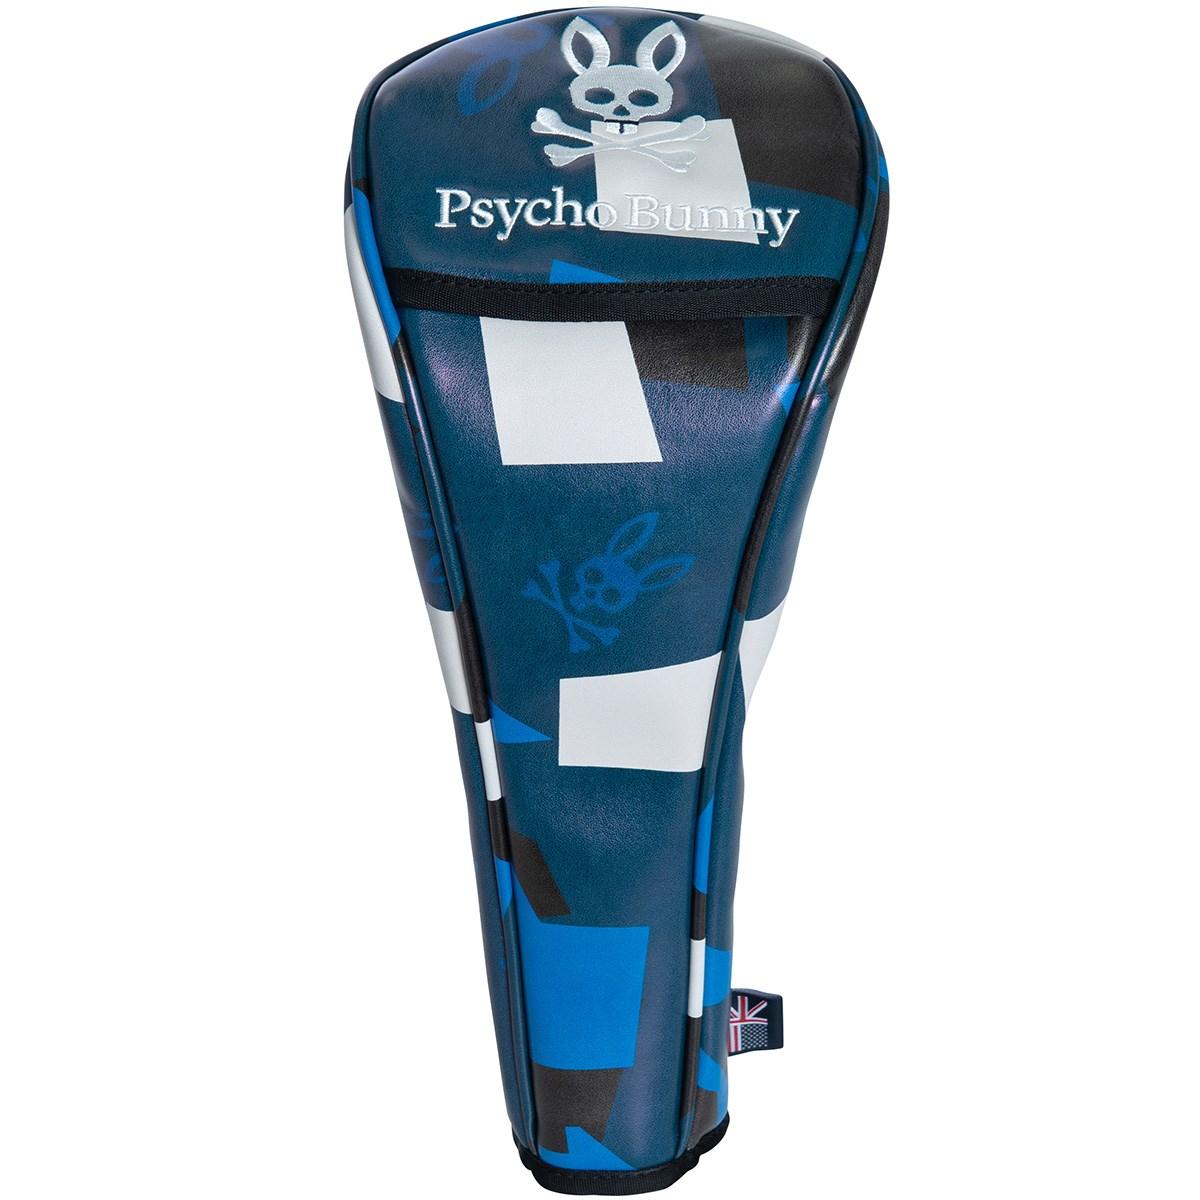 サイコバニー PSYCHO BUNNY NEW CAMO ヘッドカバー DR用 ブルー 34